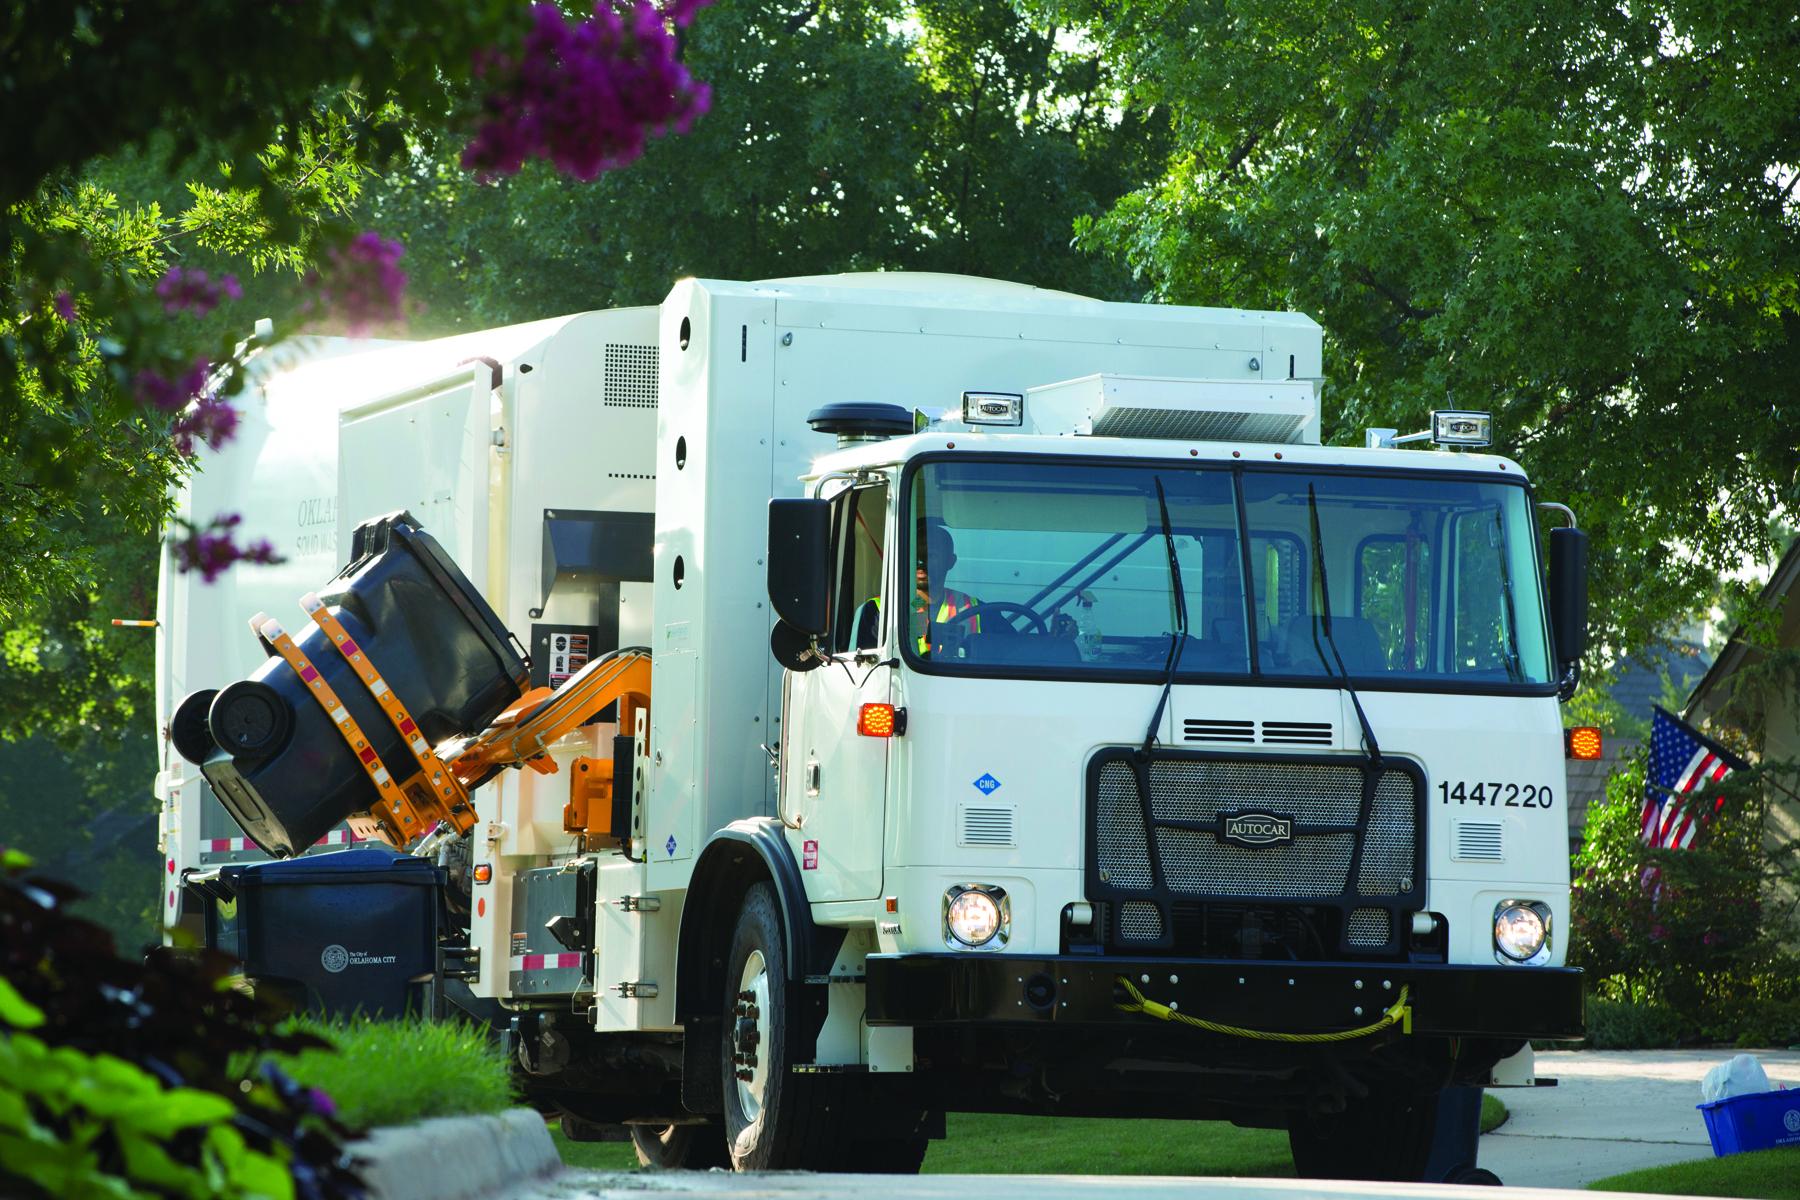 City of Oklahoma City trash truck